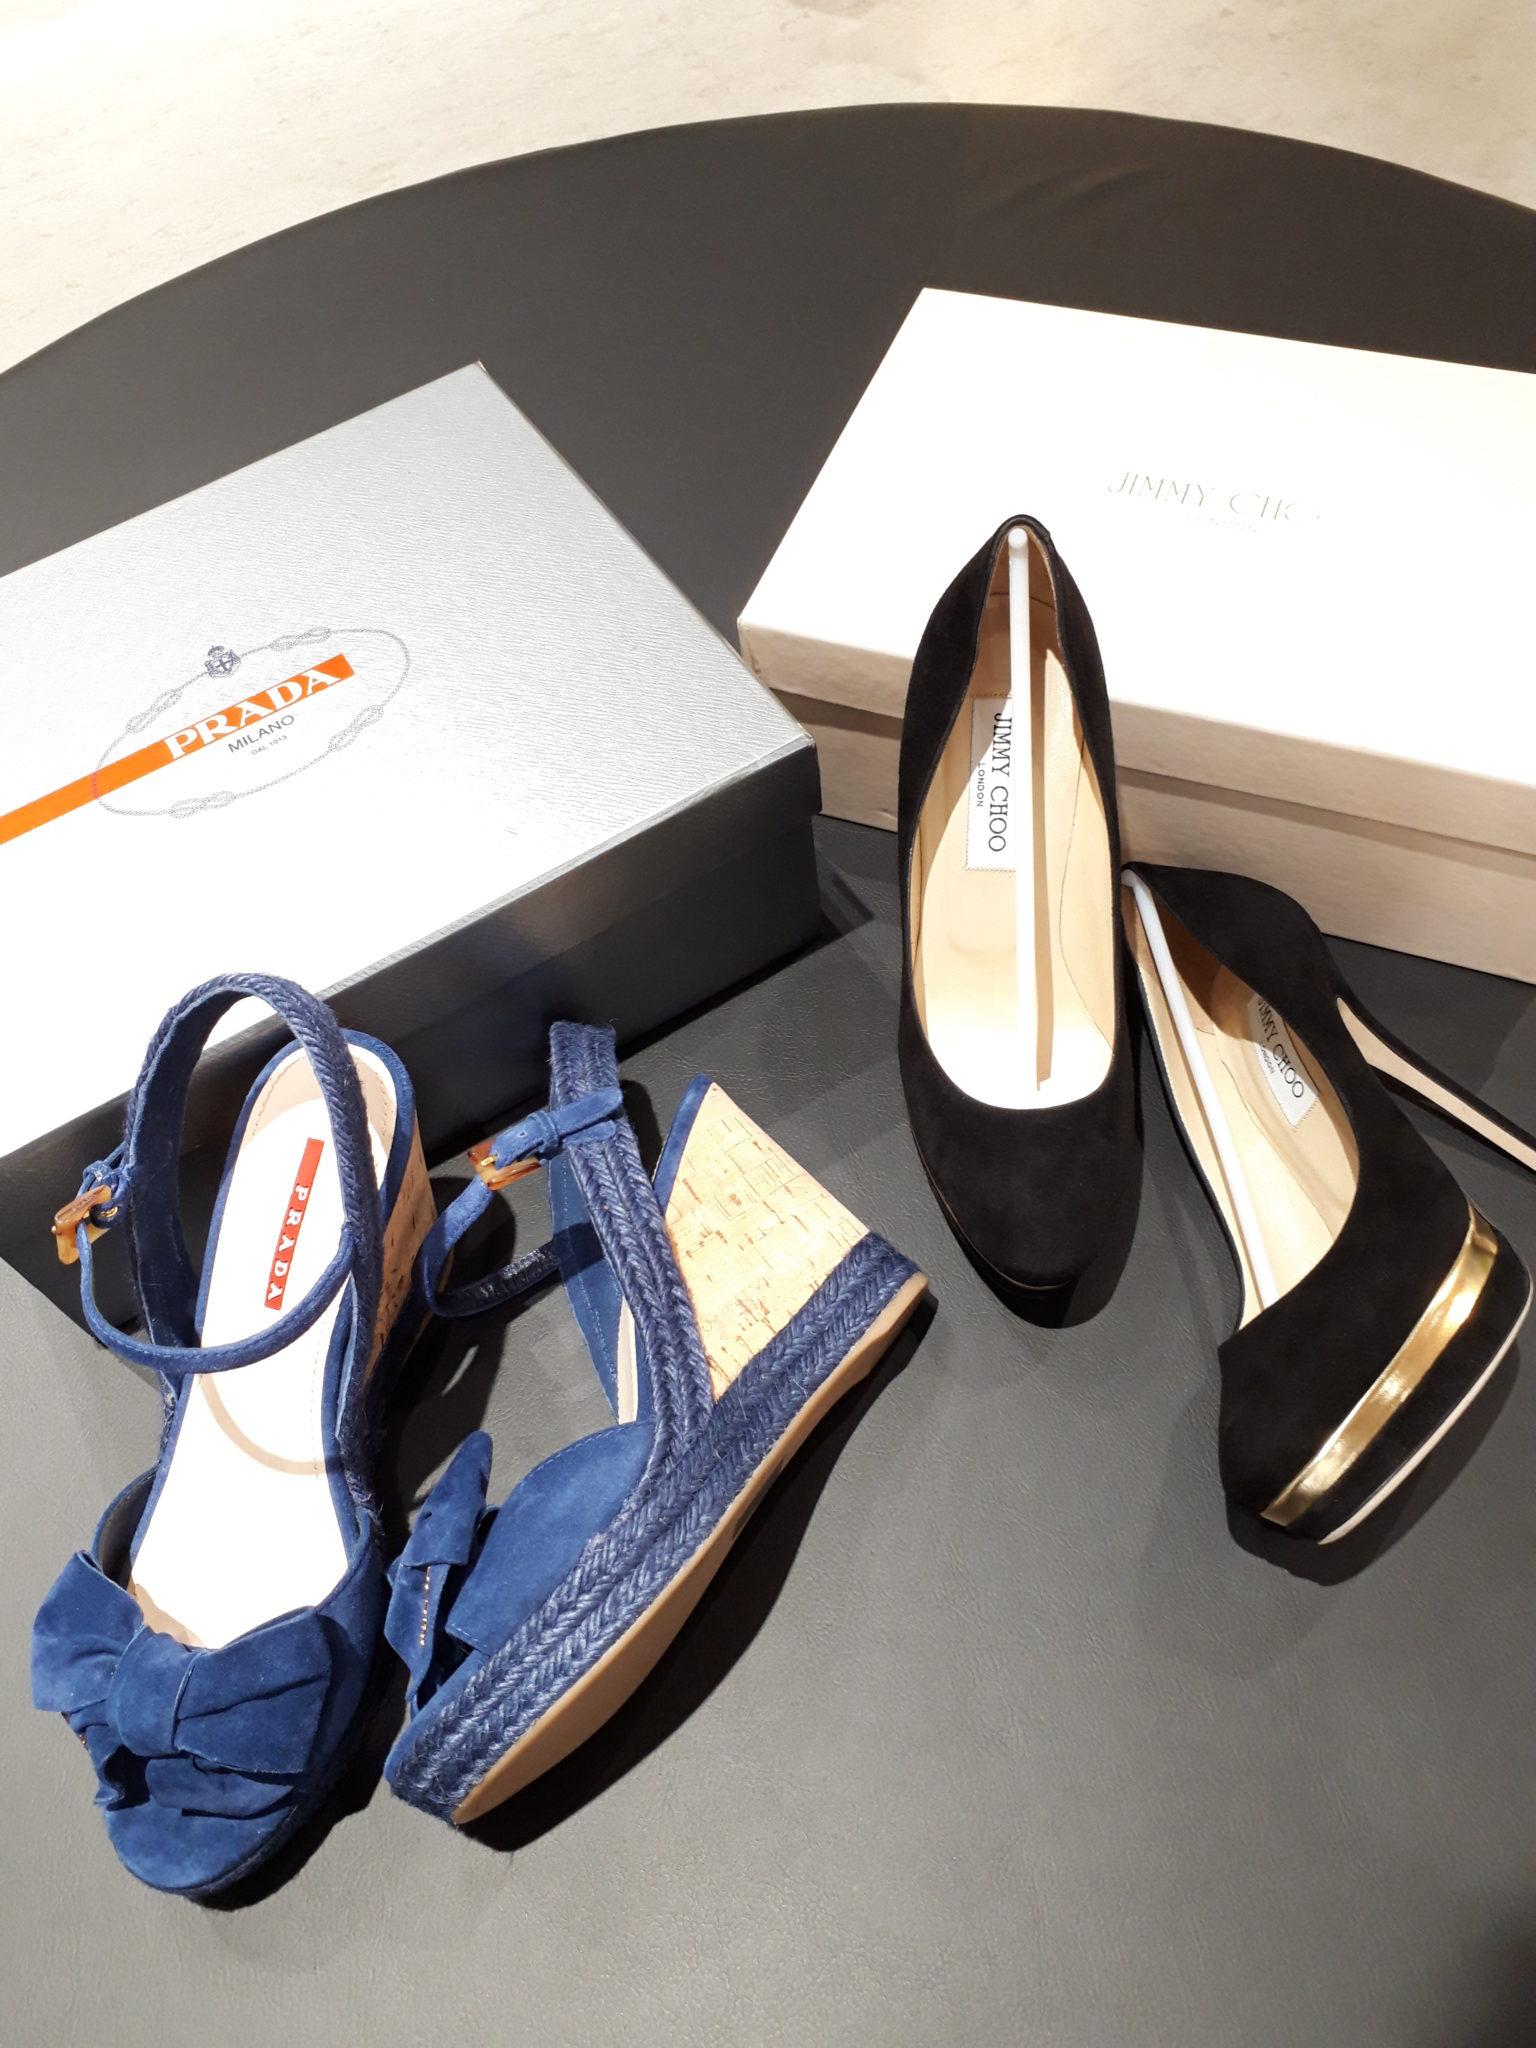 【プラダ ジミーチュウ ブランド靴】を盛岡市のお客様より買取させていただきました!